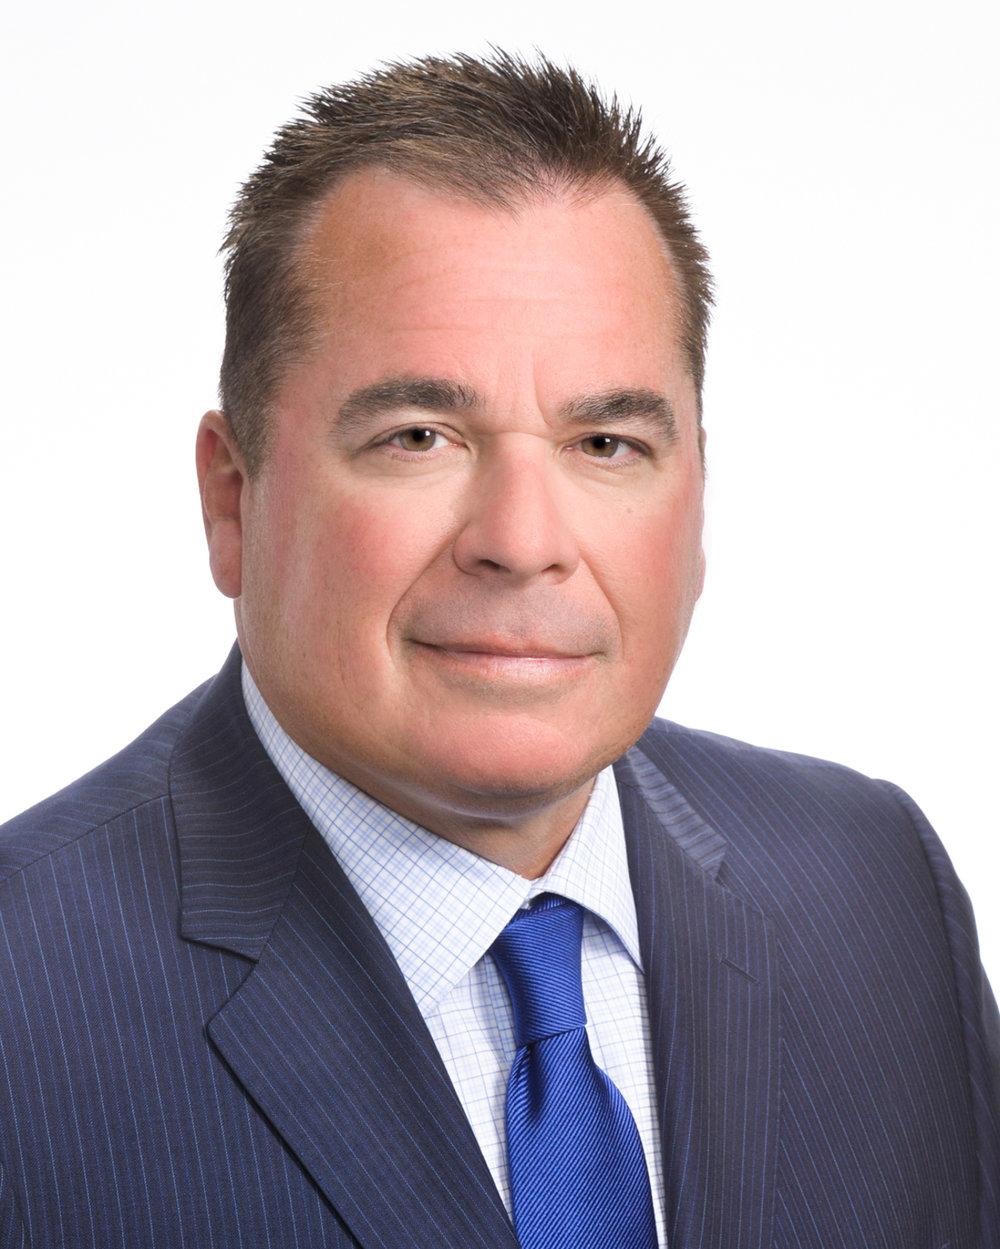 James E. Zoccola - Director